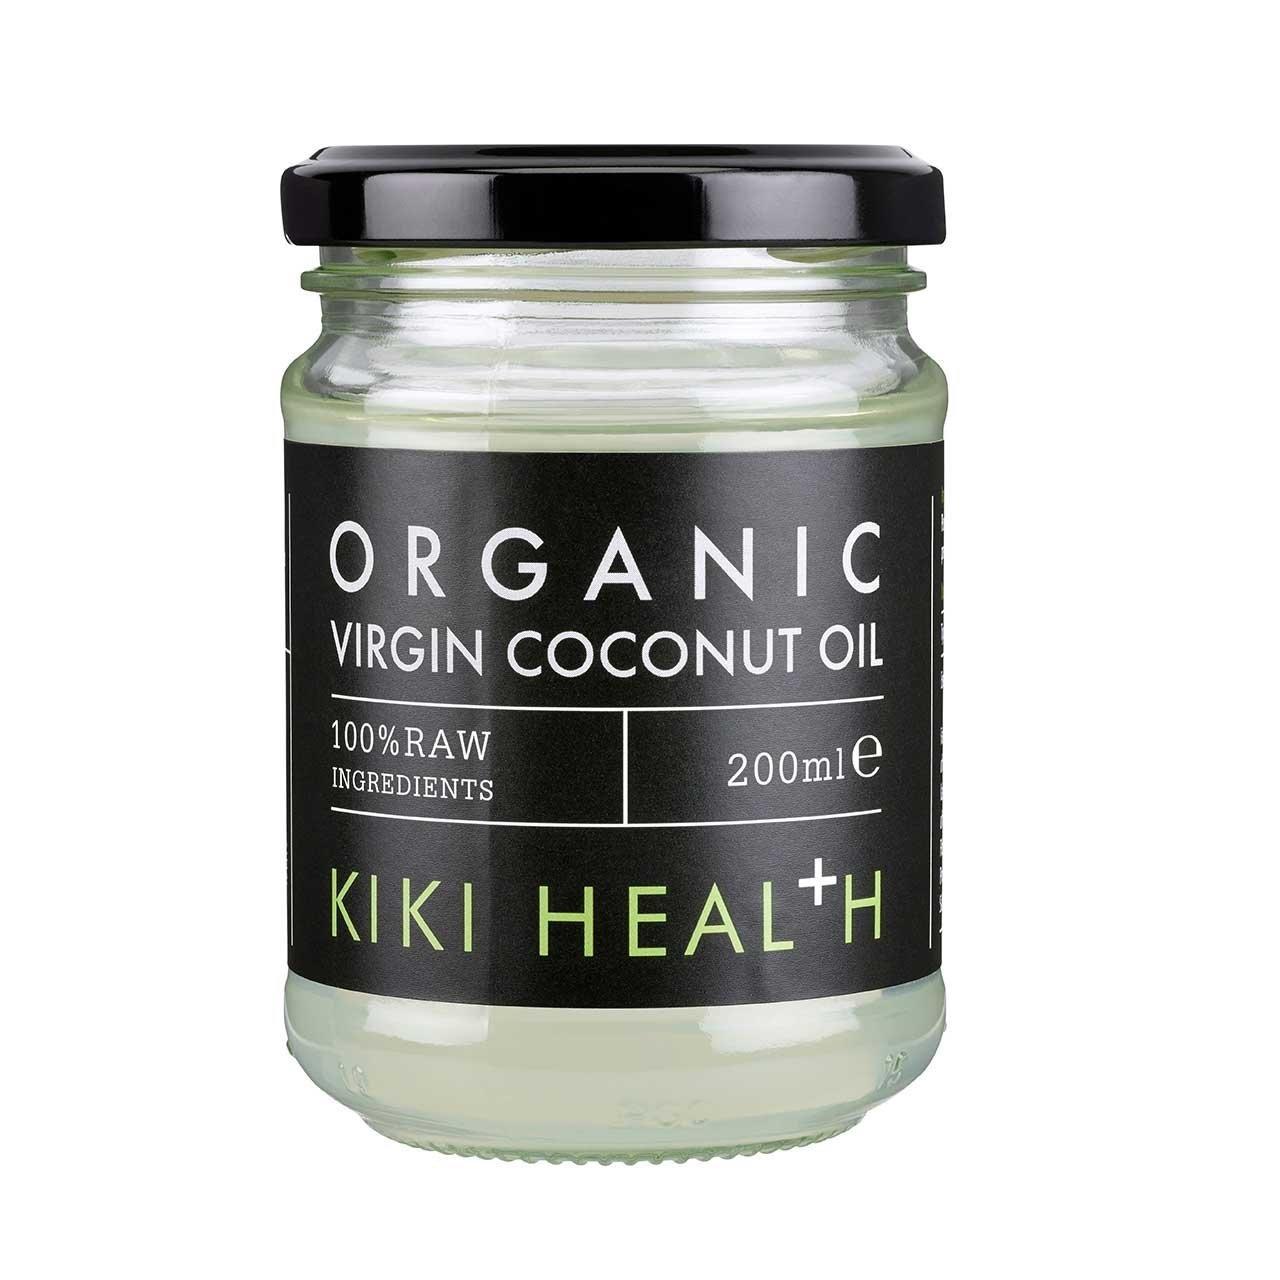 Commit error. virgin coconut oil new zealand not